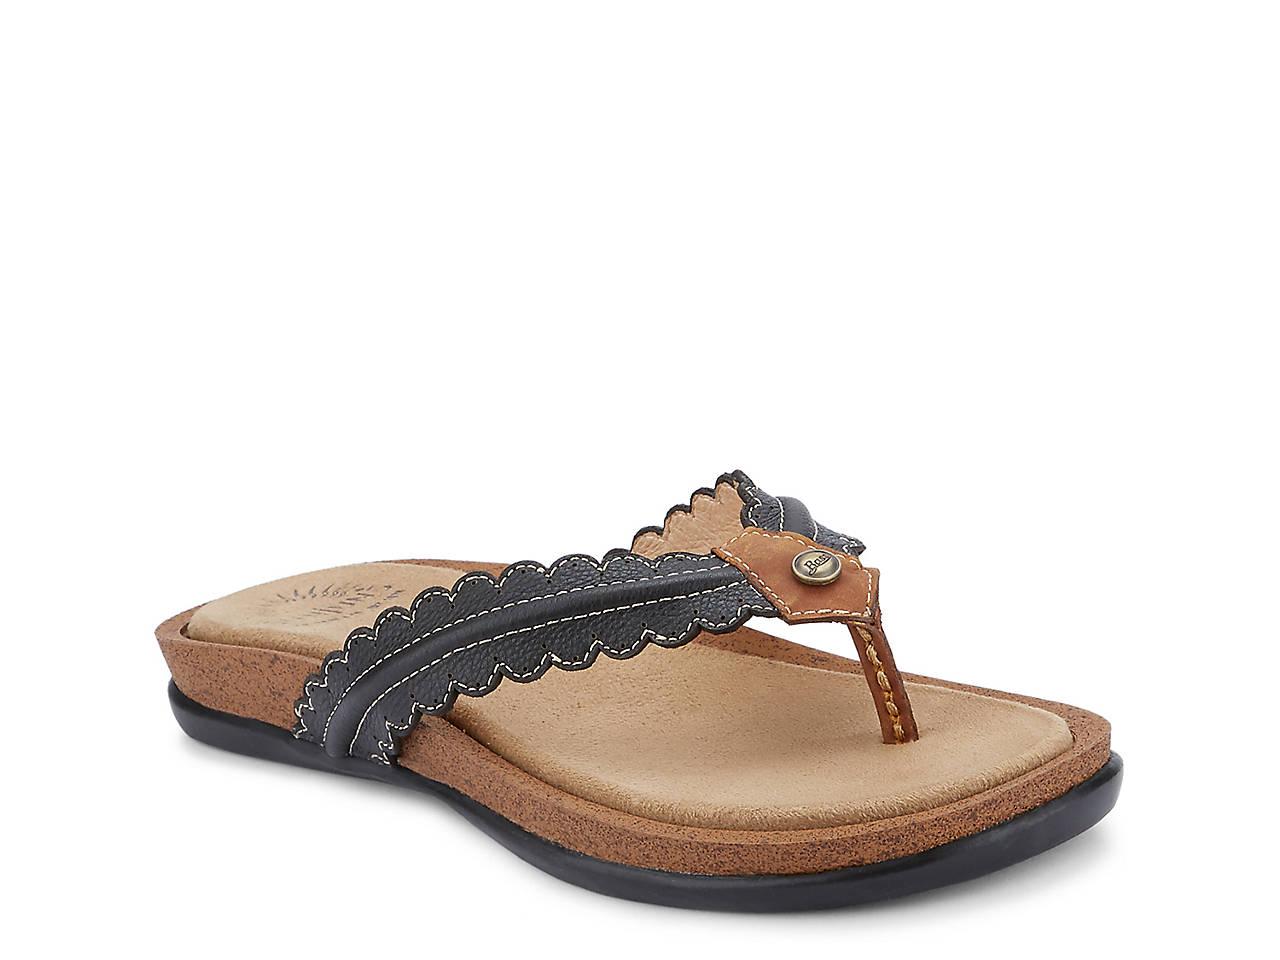 65a84f54d60 G.H. Bass   Co. Sunjuns Samantha Flat Sandal Women s Shoes